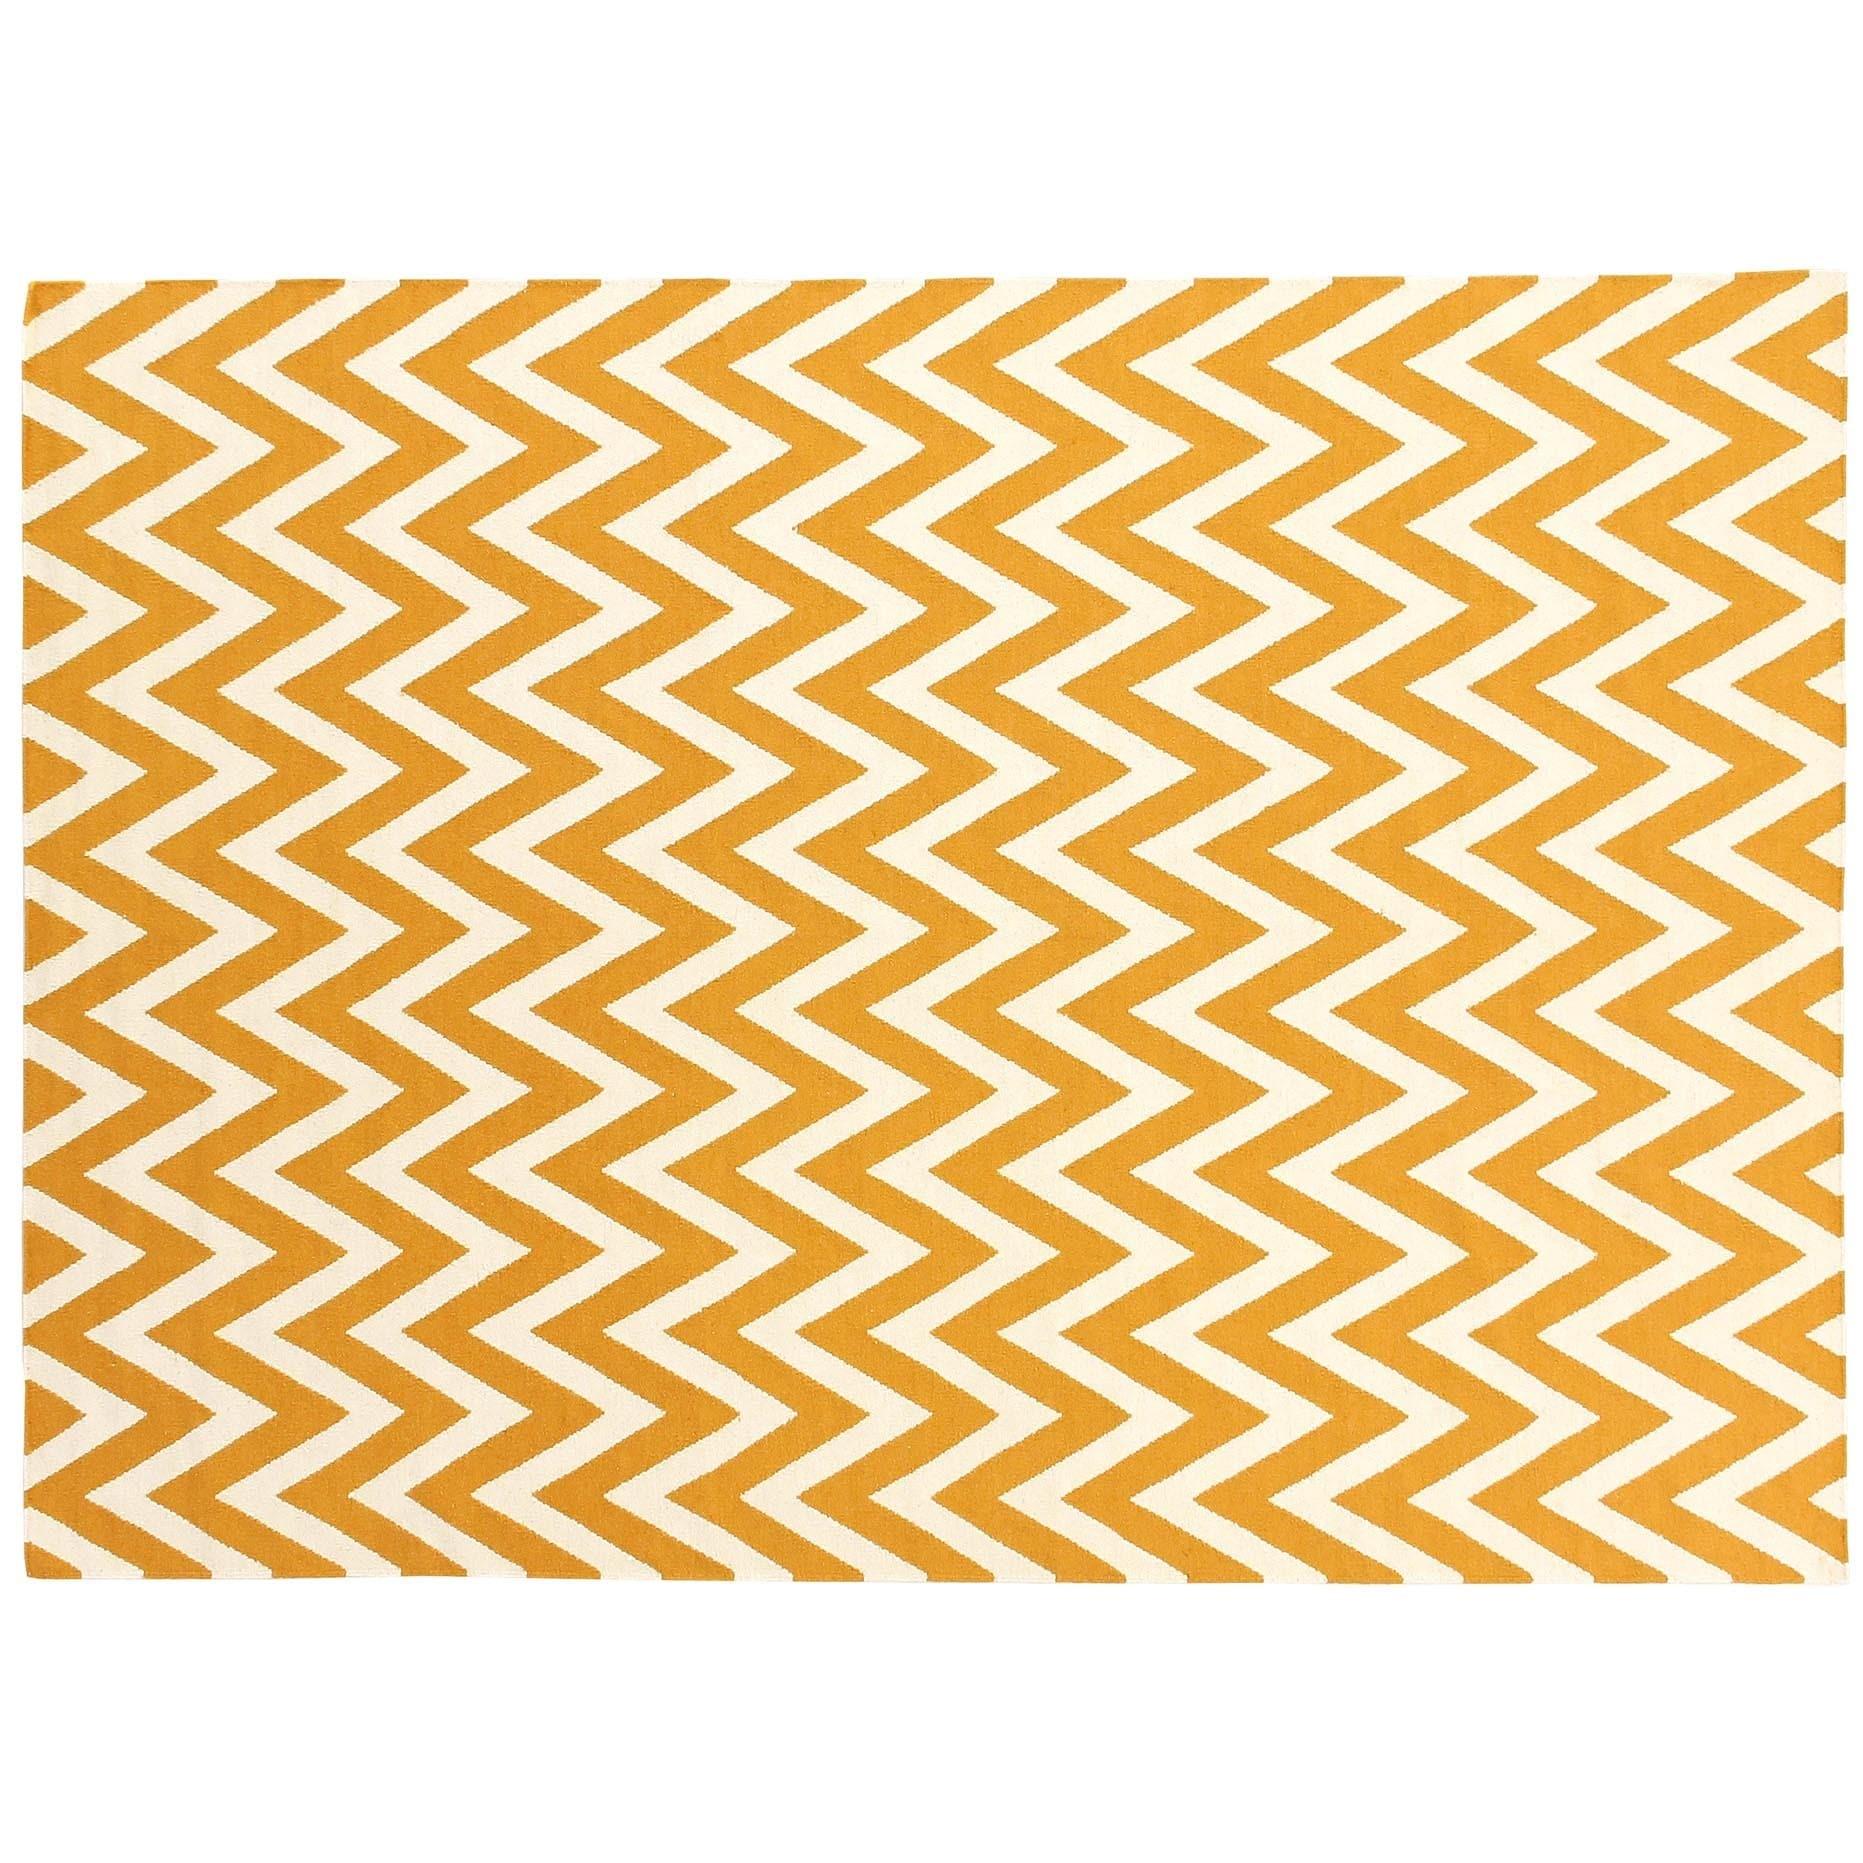 Exquisite Rugs Zigzag Flatweave Pumpkin New Zealand Wool Rug 8 X